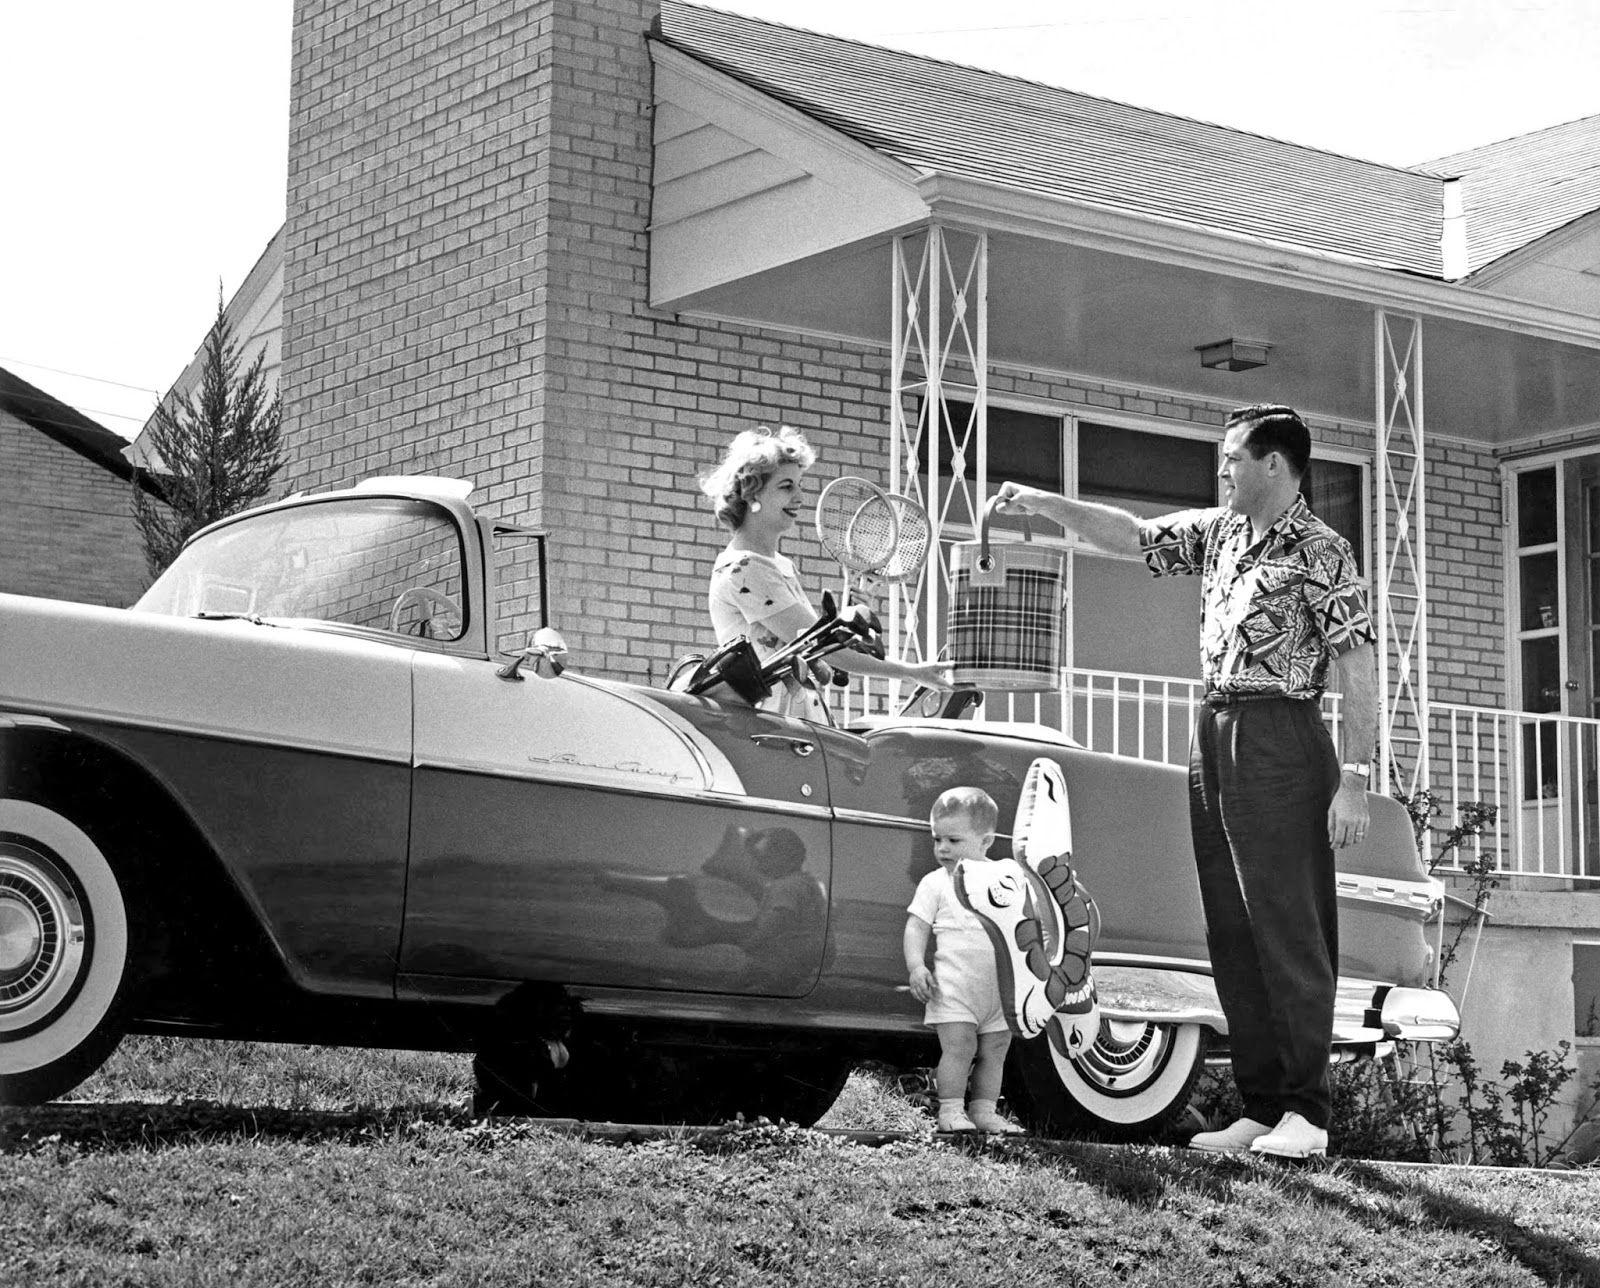 Setting off on vacation. Missouri, 1956 Vintage cars